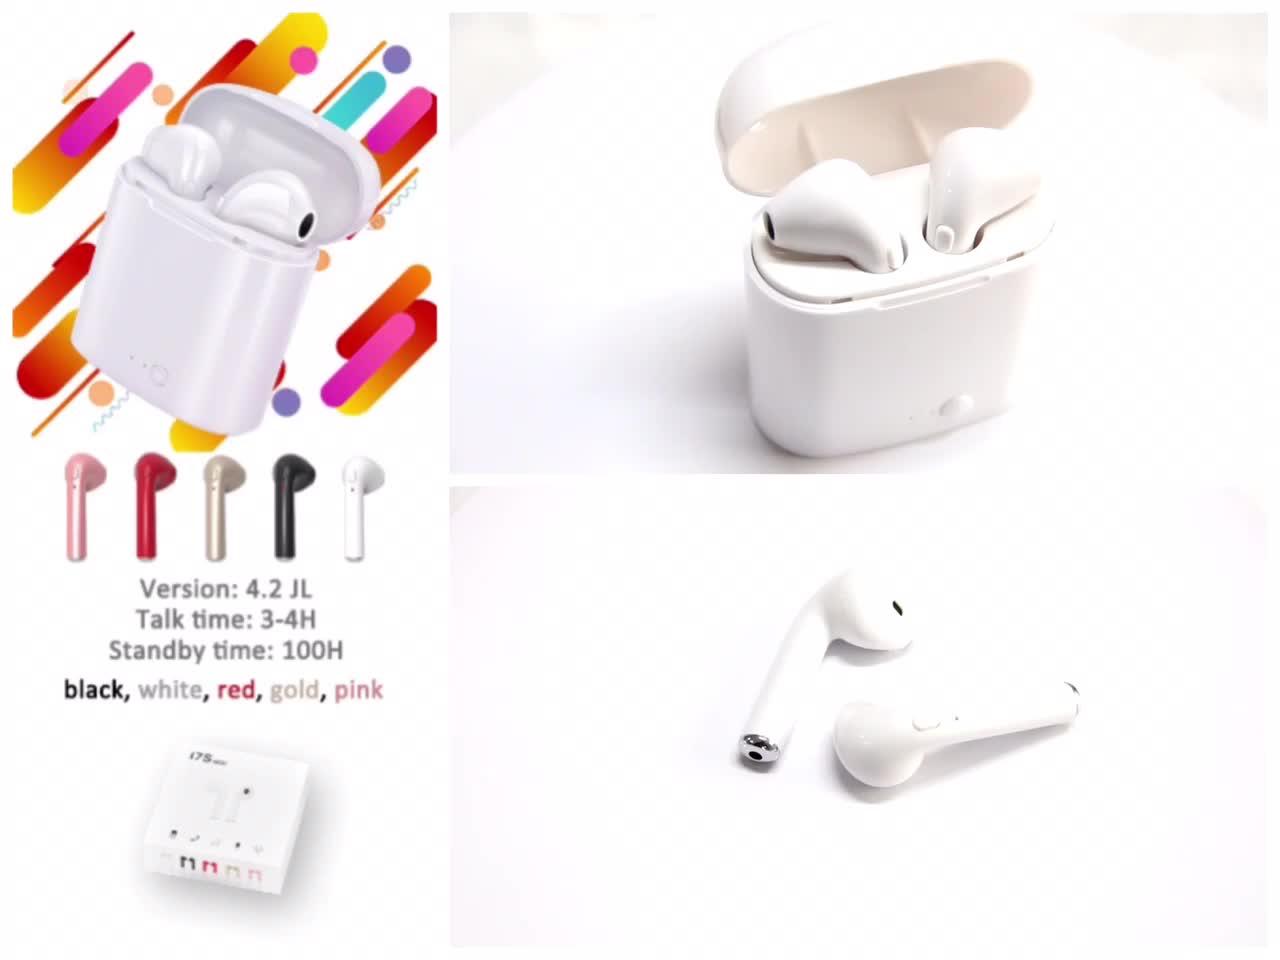 मिनी वायरलेस ईरफ़ोन i7s संगीत स्टीरियो बास Handfree हेडसेट TWS i7s Earbuds